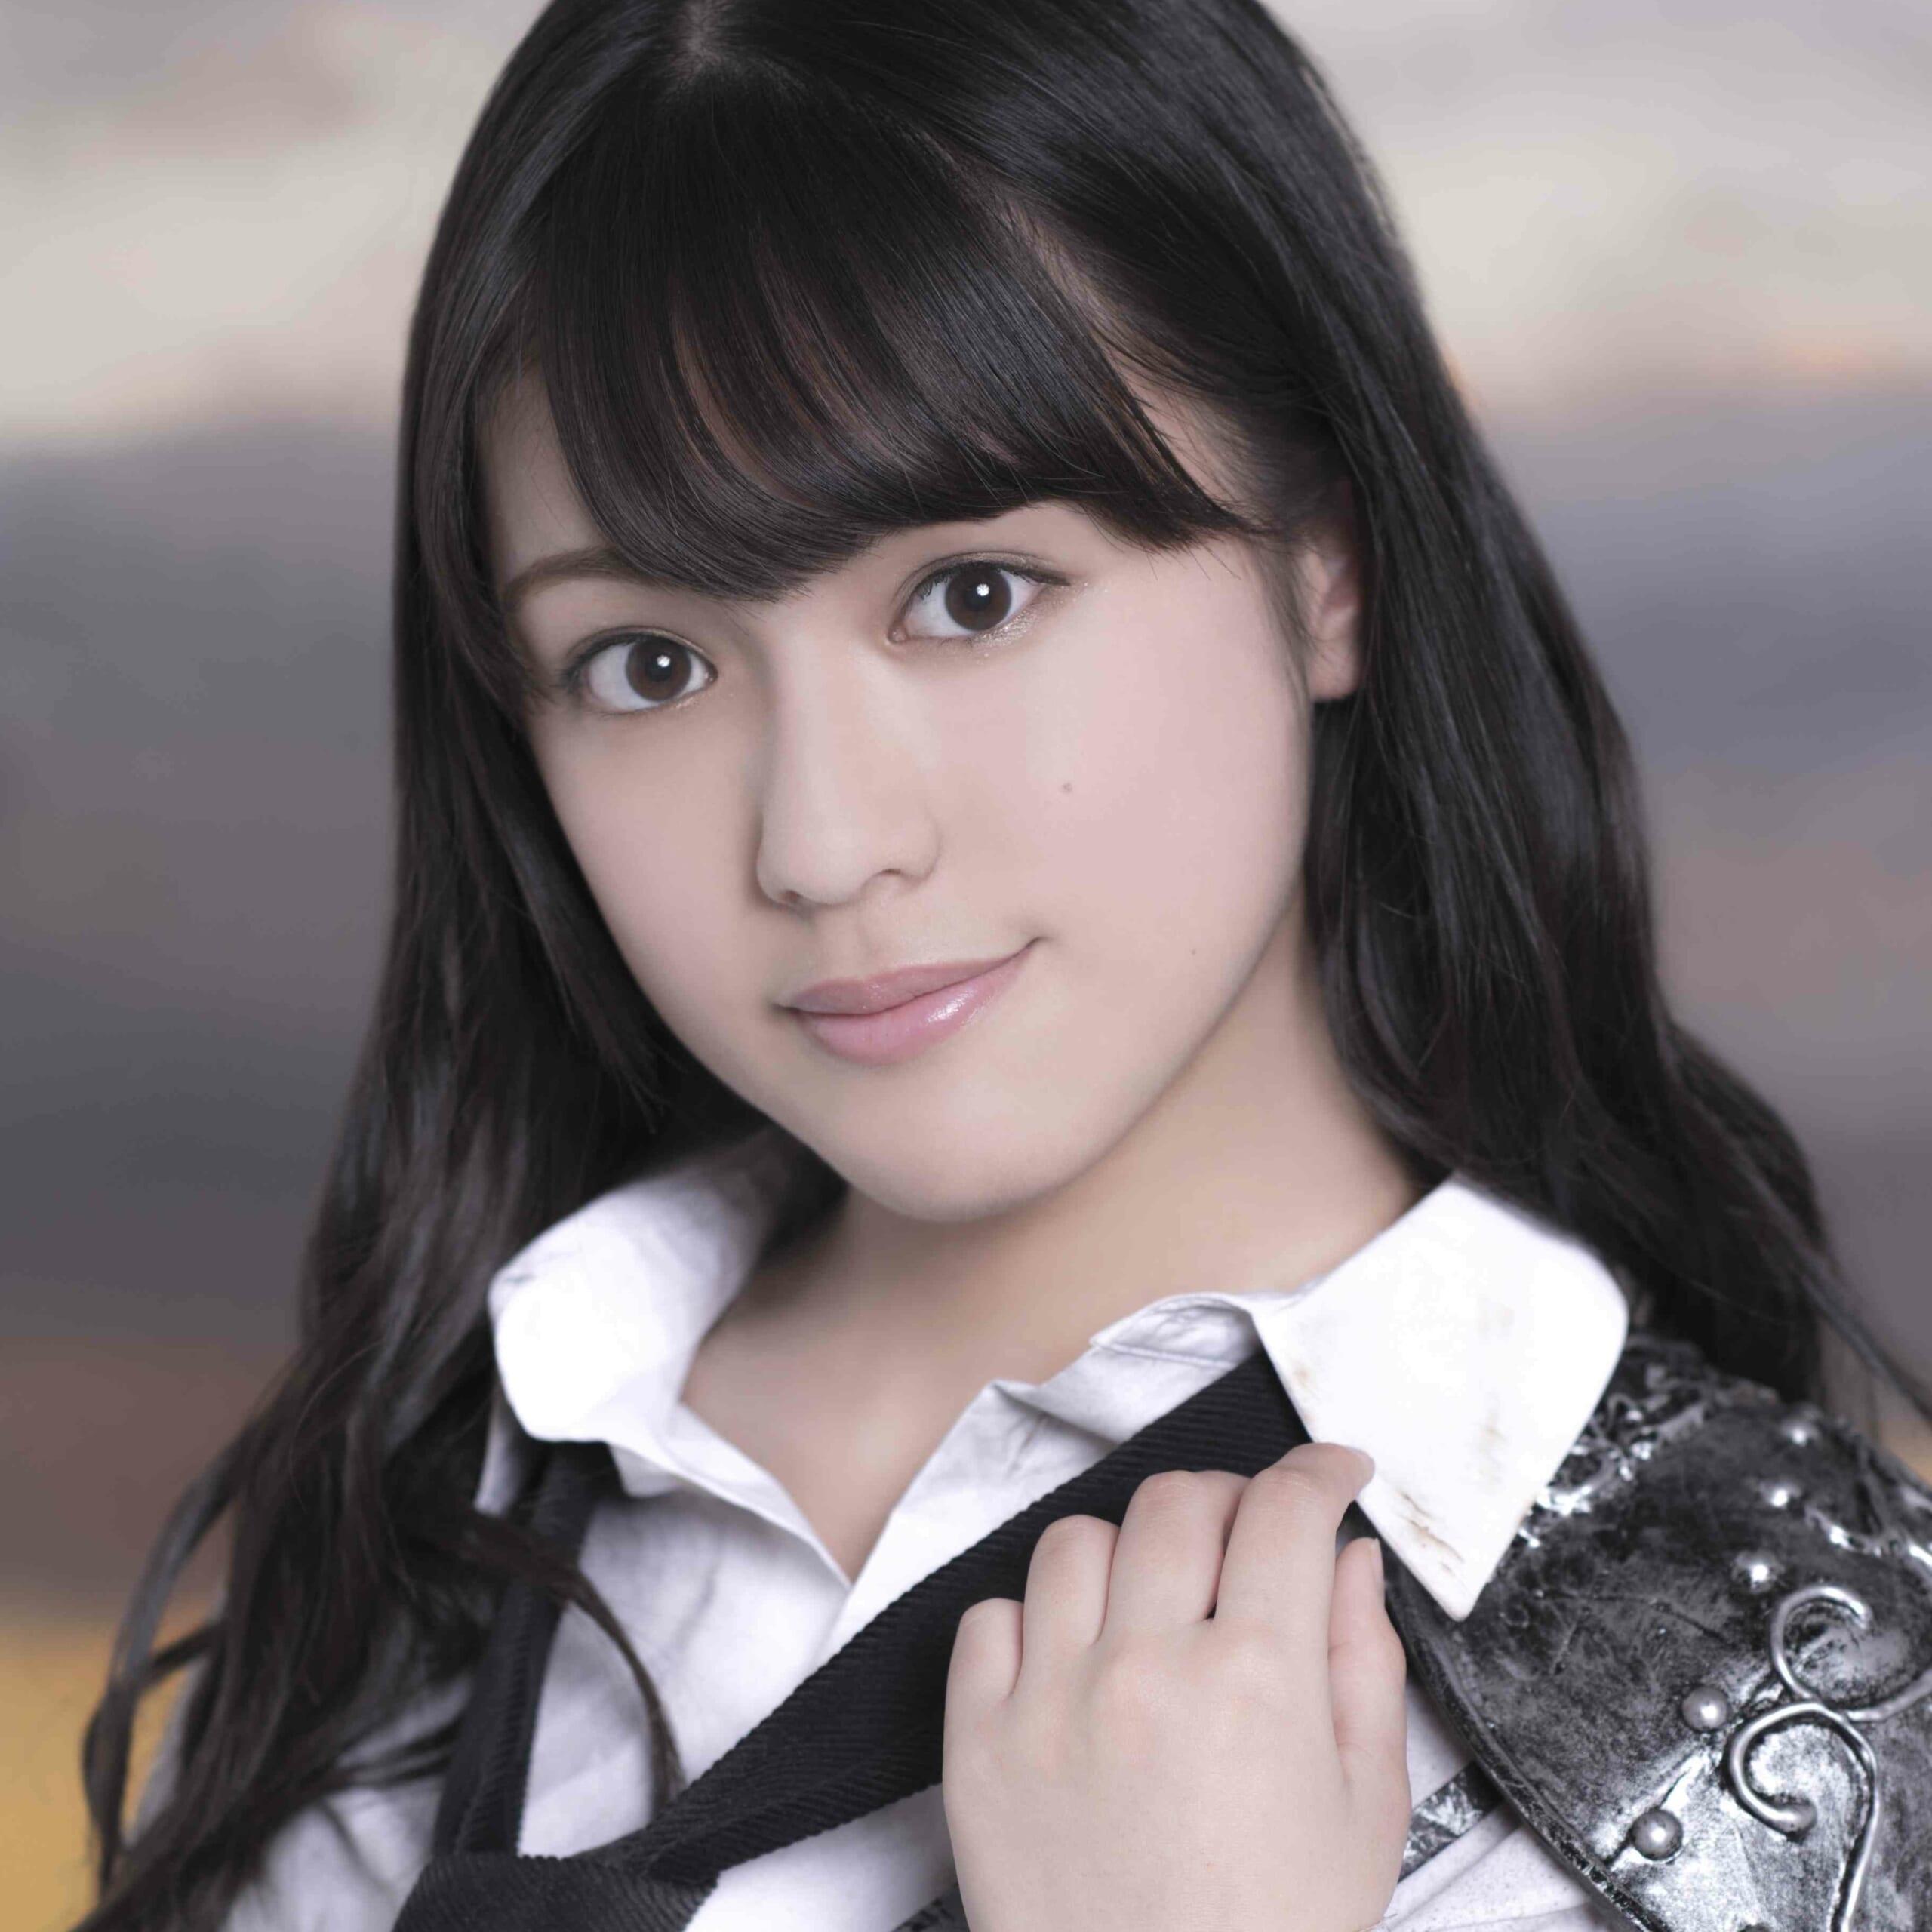 SKE48竹内彩姫「今日は握手会の日だったので…」【「ガチ私服」抜き打ちチェック!】